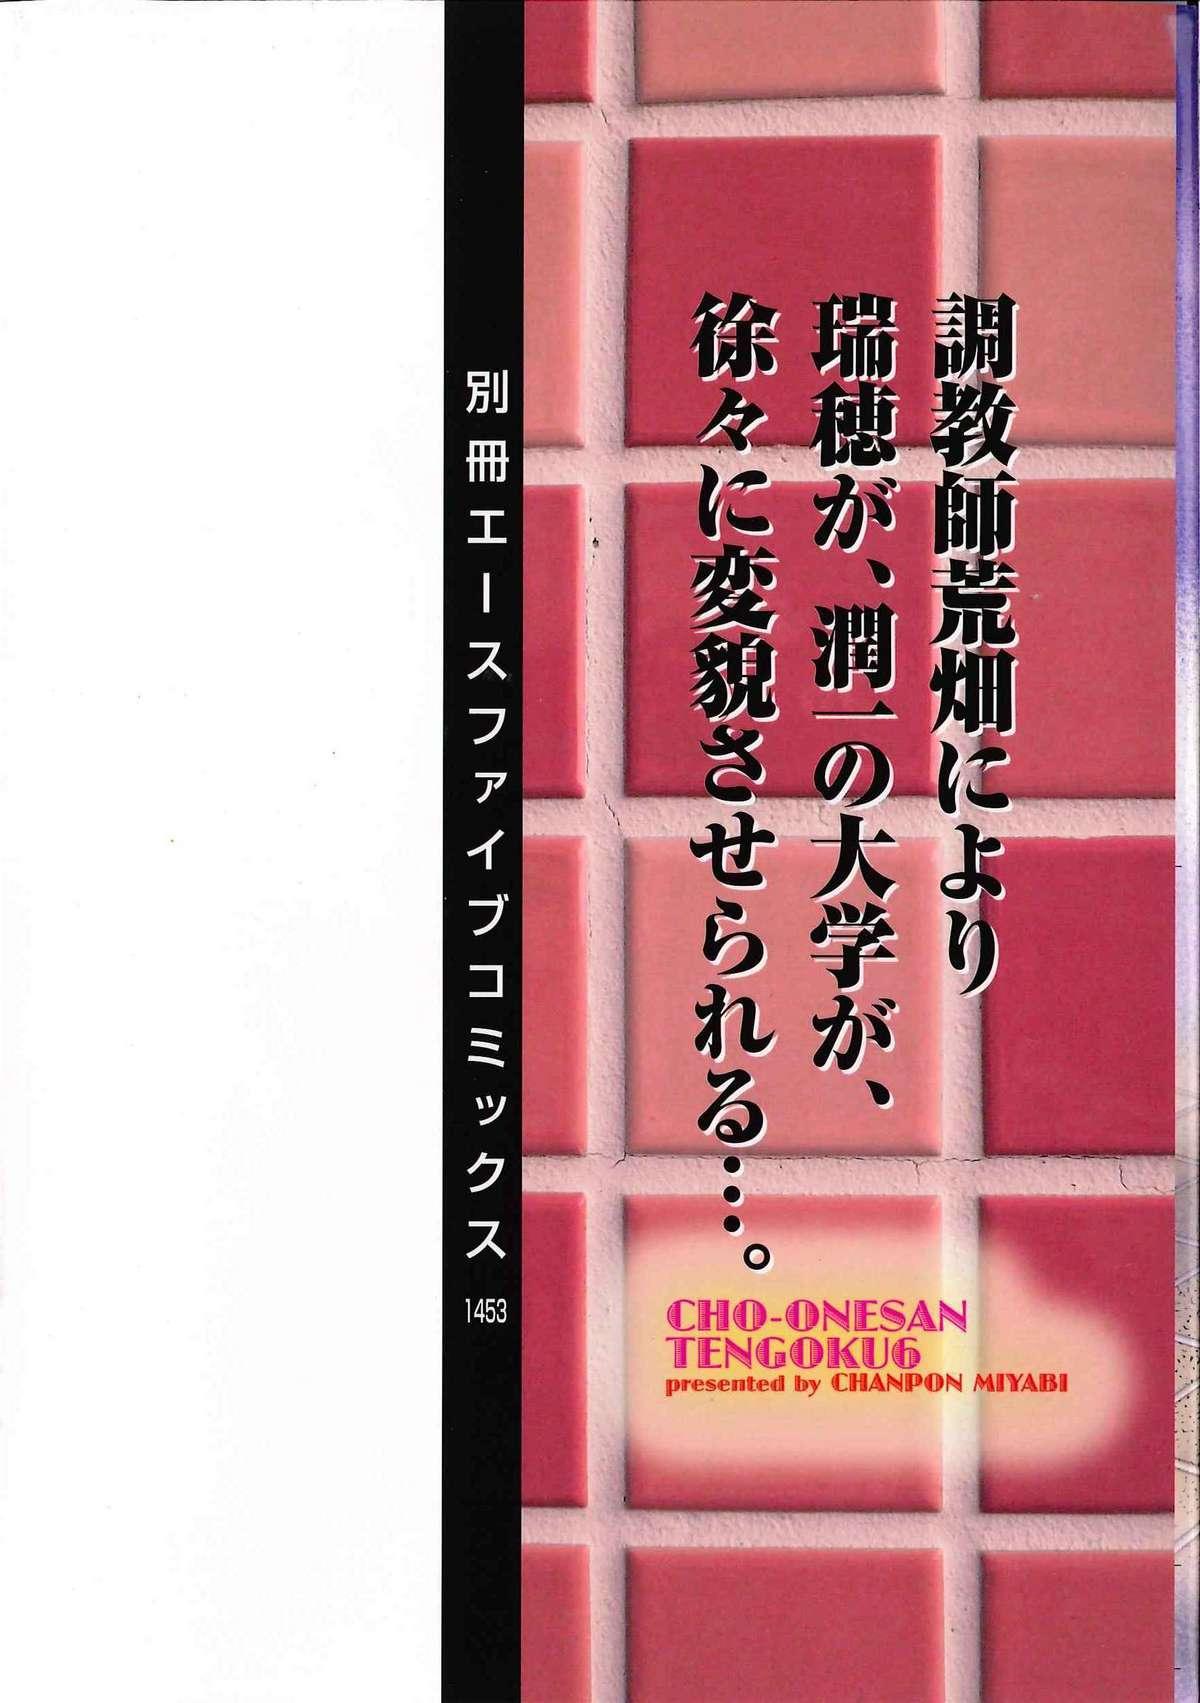 [Chanpon Miyabi] Cho-Onesan Tengoku 6 -Tenrakuhen- 2